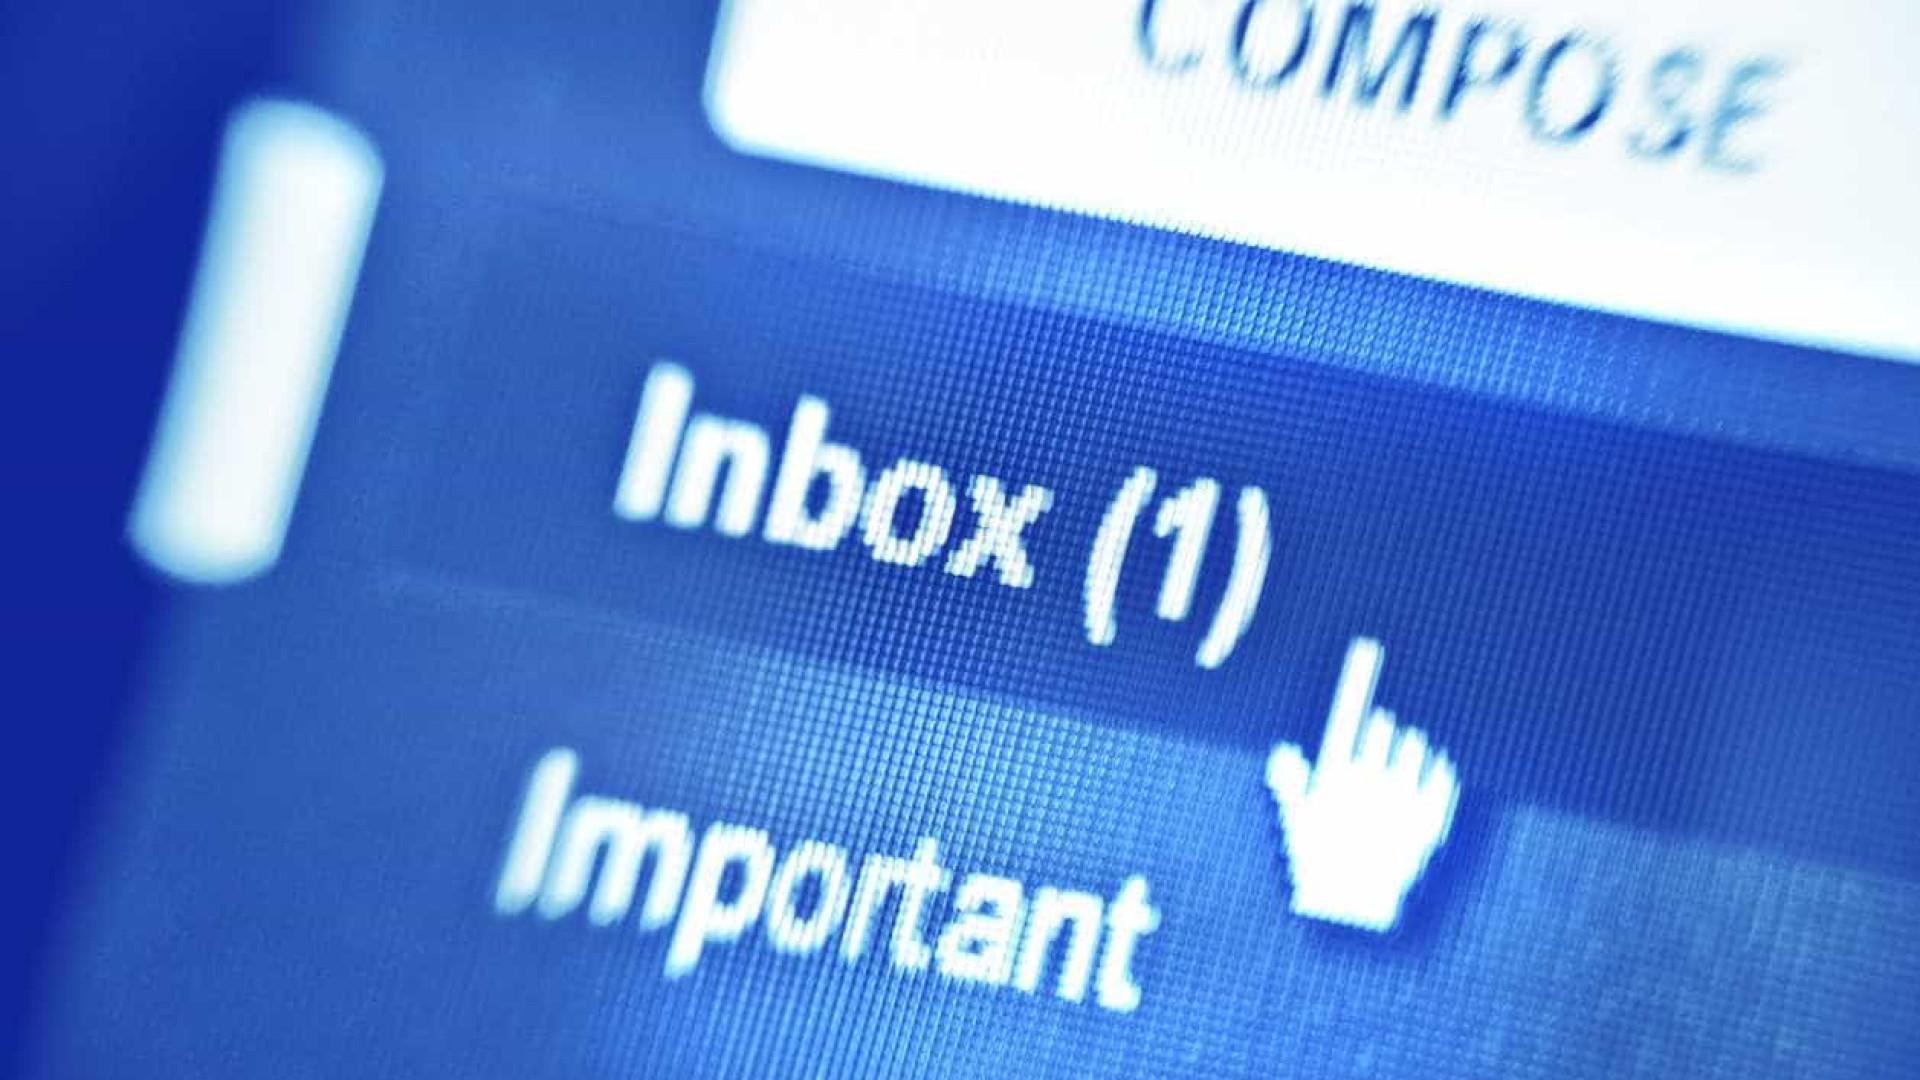 Capítulo II: Depois da tempestade de emails... as consequências